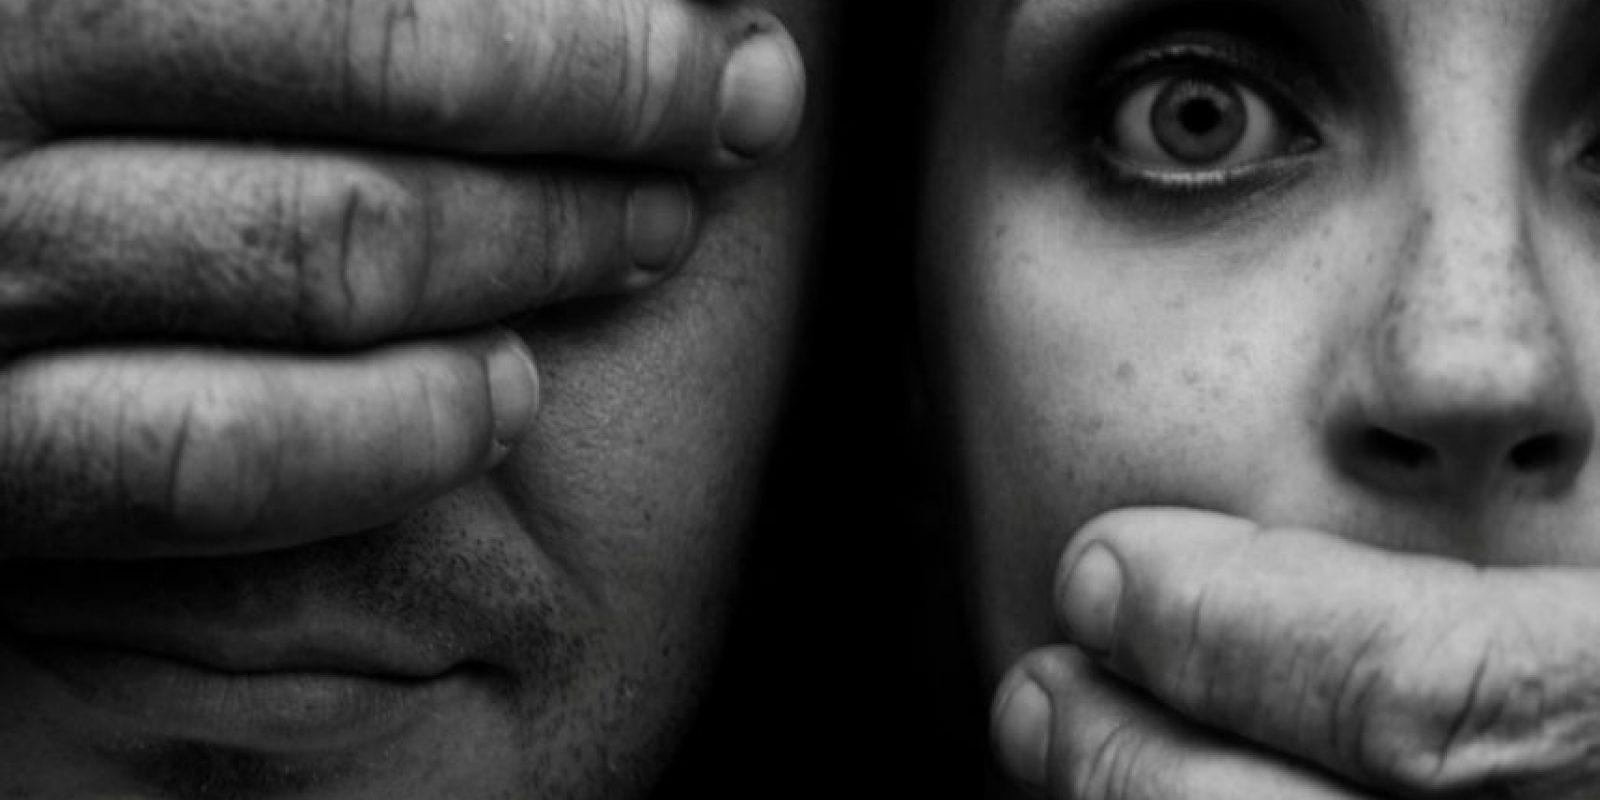 Entre los factores asociados a un mayor riesgo de cometer actos violentos cabe citar un bajo nivel de instrucción, el maltrato infantil o haber estado expuesto a escenas de violencia en la familia, el uso nocivo del alcohol, actitudes de aceptación de la violencia y las desigualdades de género. Foto:vía Voces Visibles